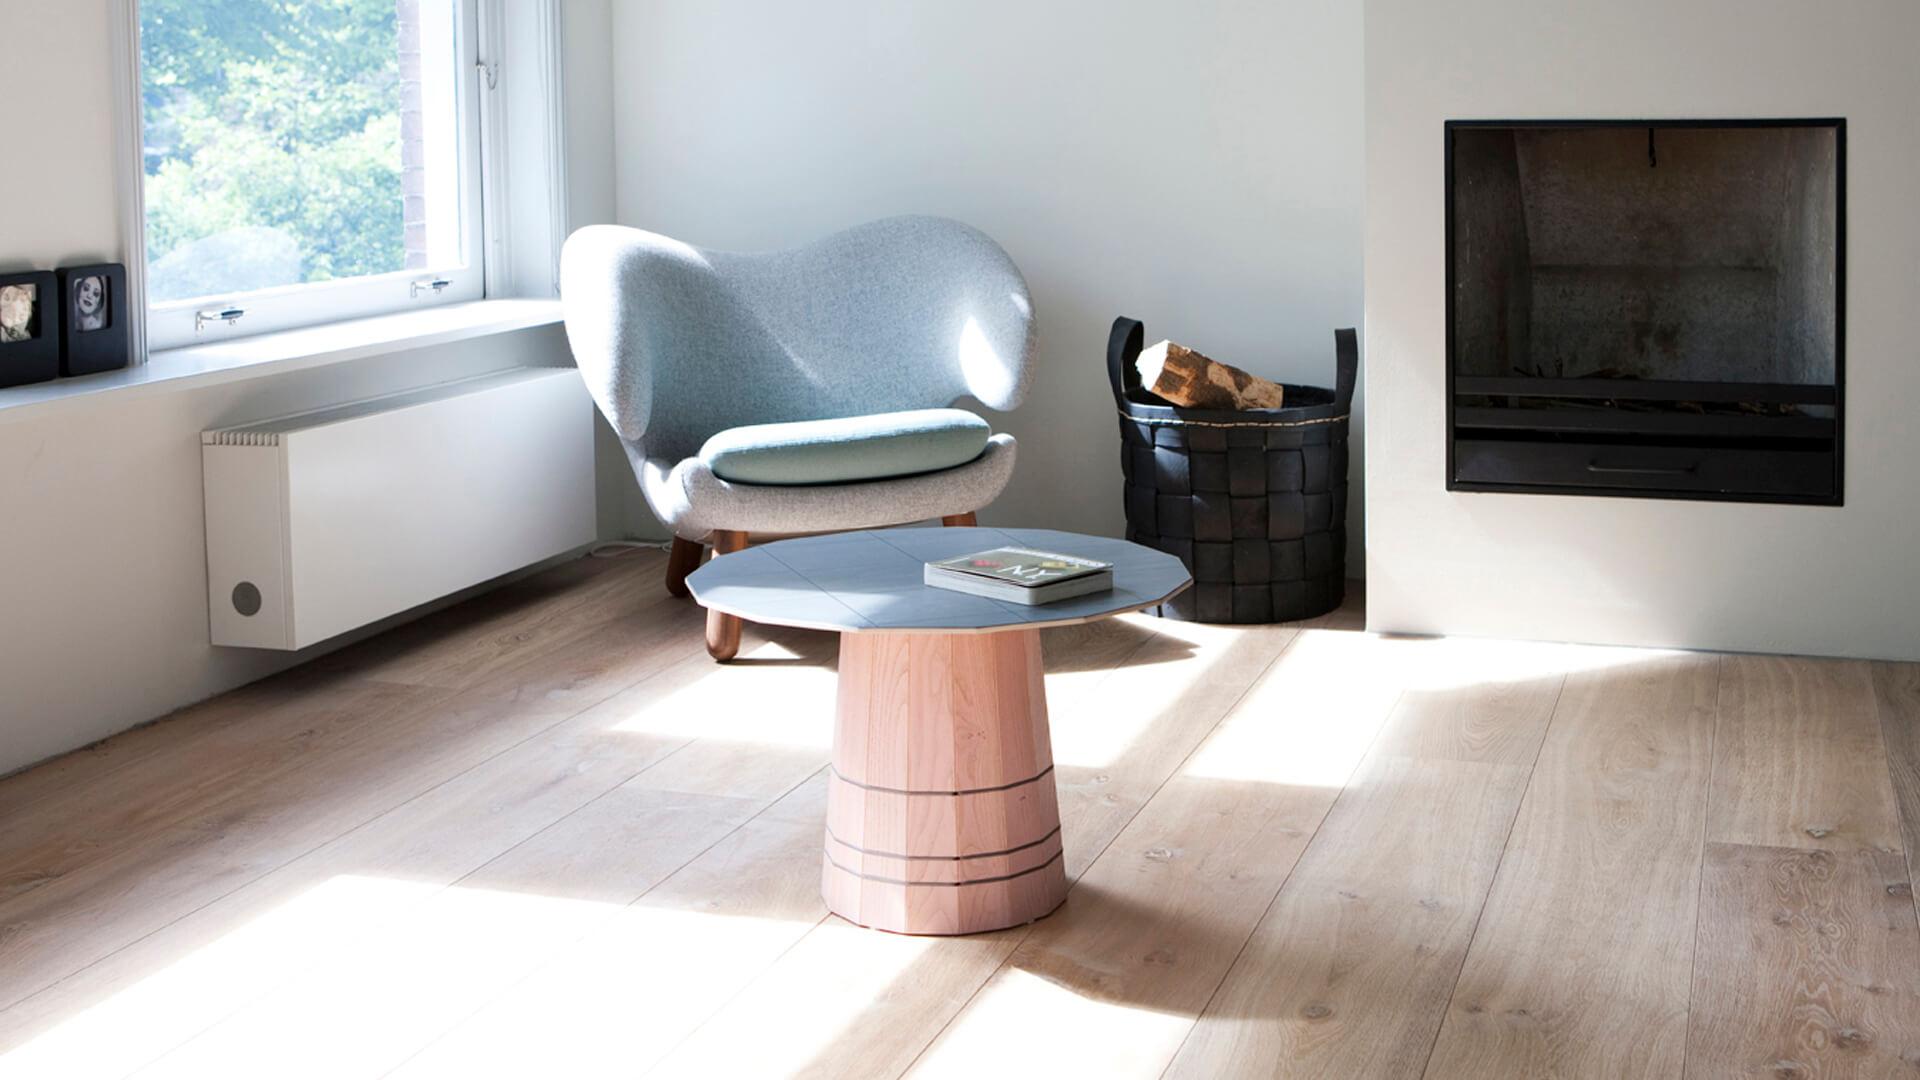 Oak Wood Flooring in the Living Room